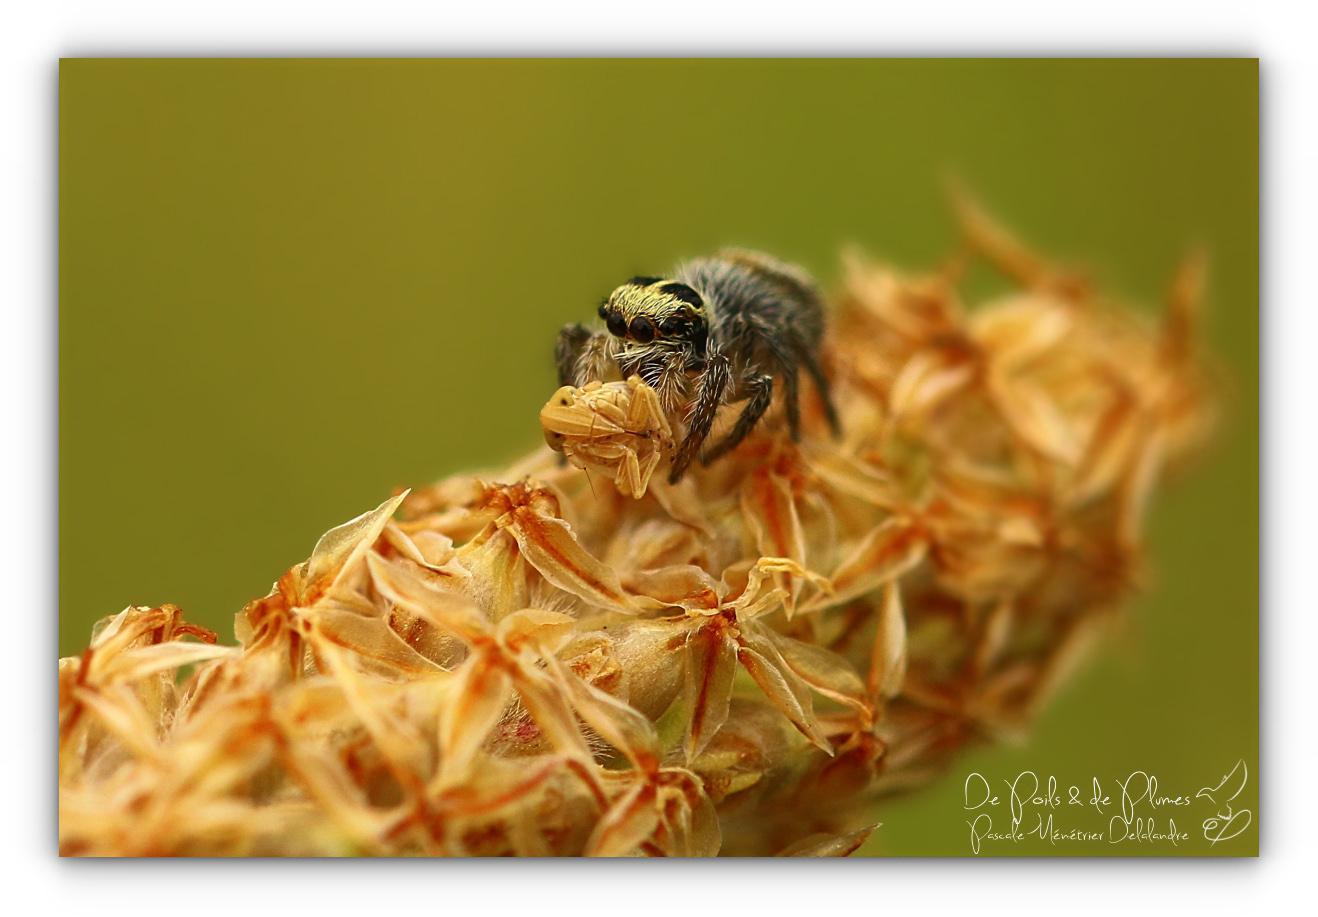 Larve de Punaise au repas d'une Philaeus chrysops ♀ (Salticidae)